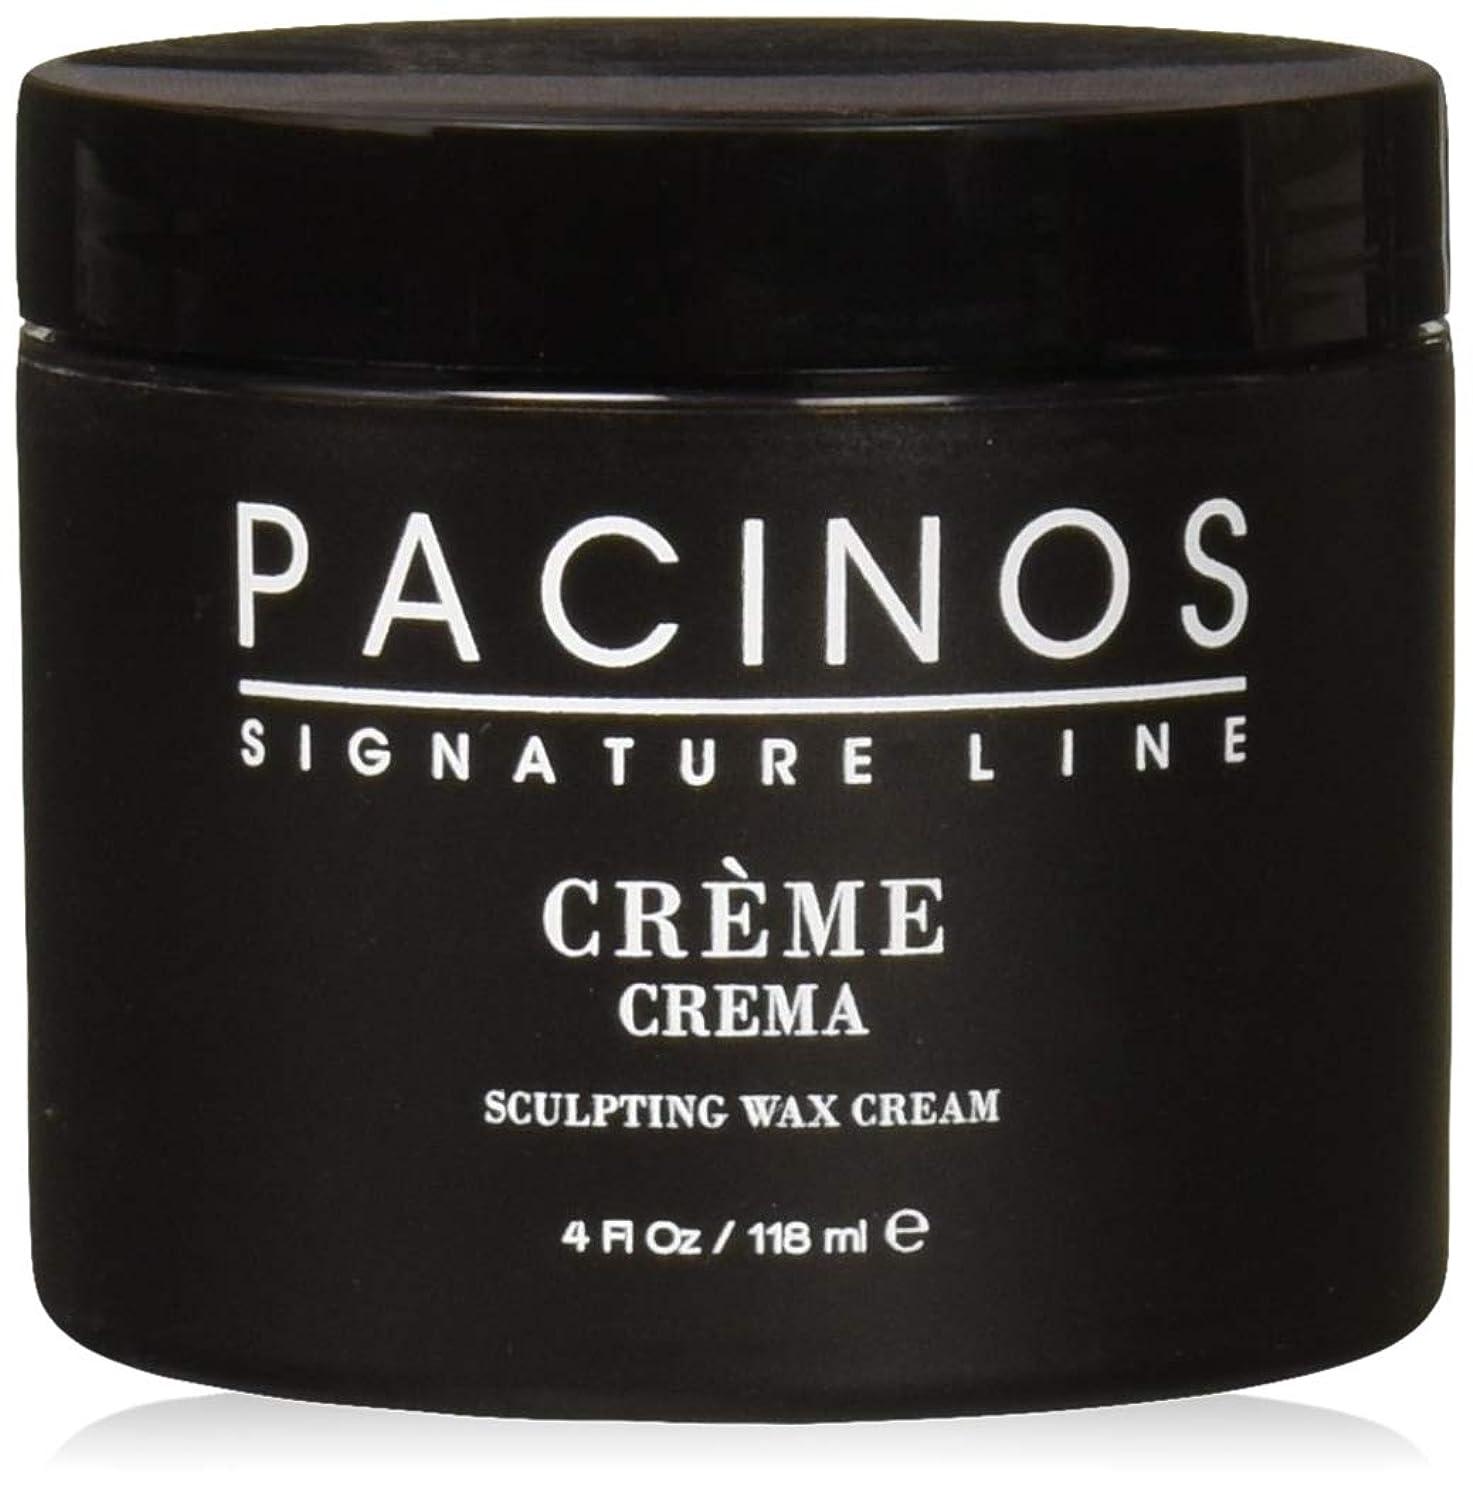 シリアル雨推測するPacinos Grooming Elegance Creme, Sculpting Wax Cream 4oz by Pacinos [並行輸入品]